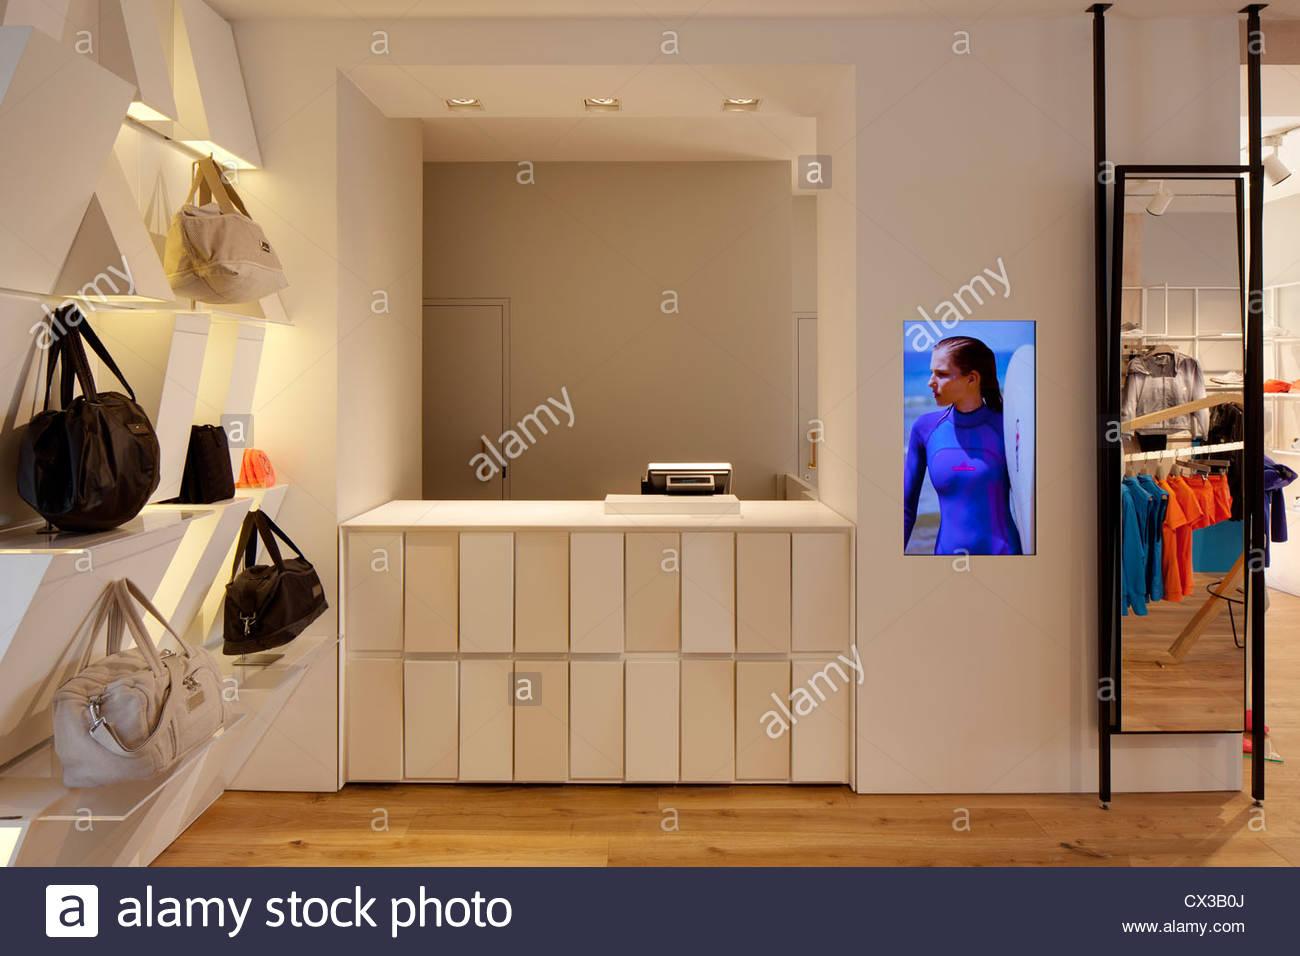 Cash Desk Stock Photos & Cash Desk Stock Images - Alamy